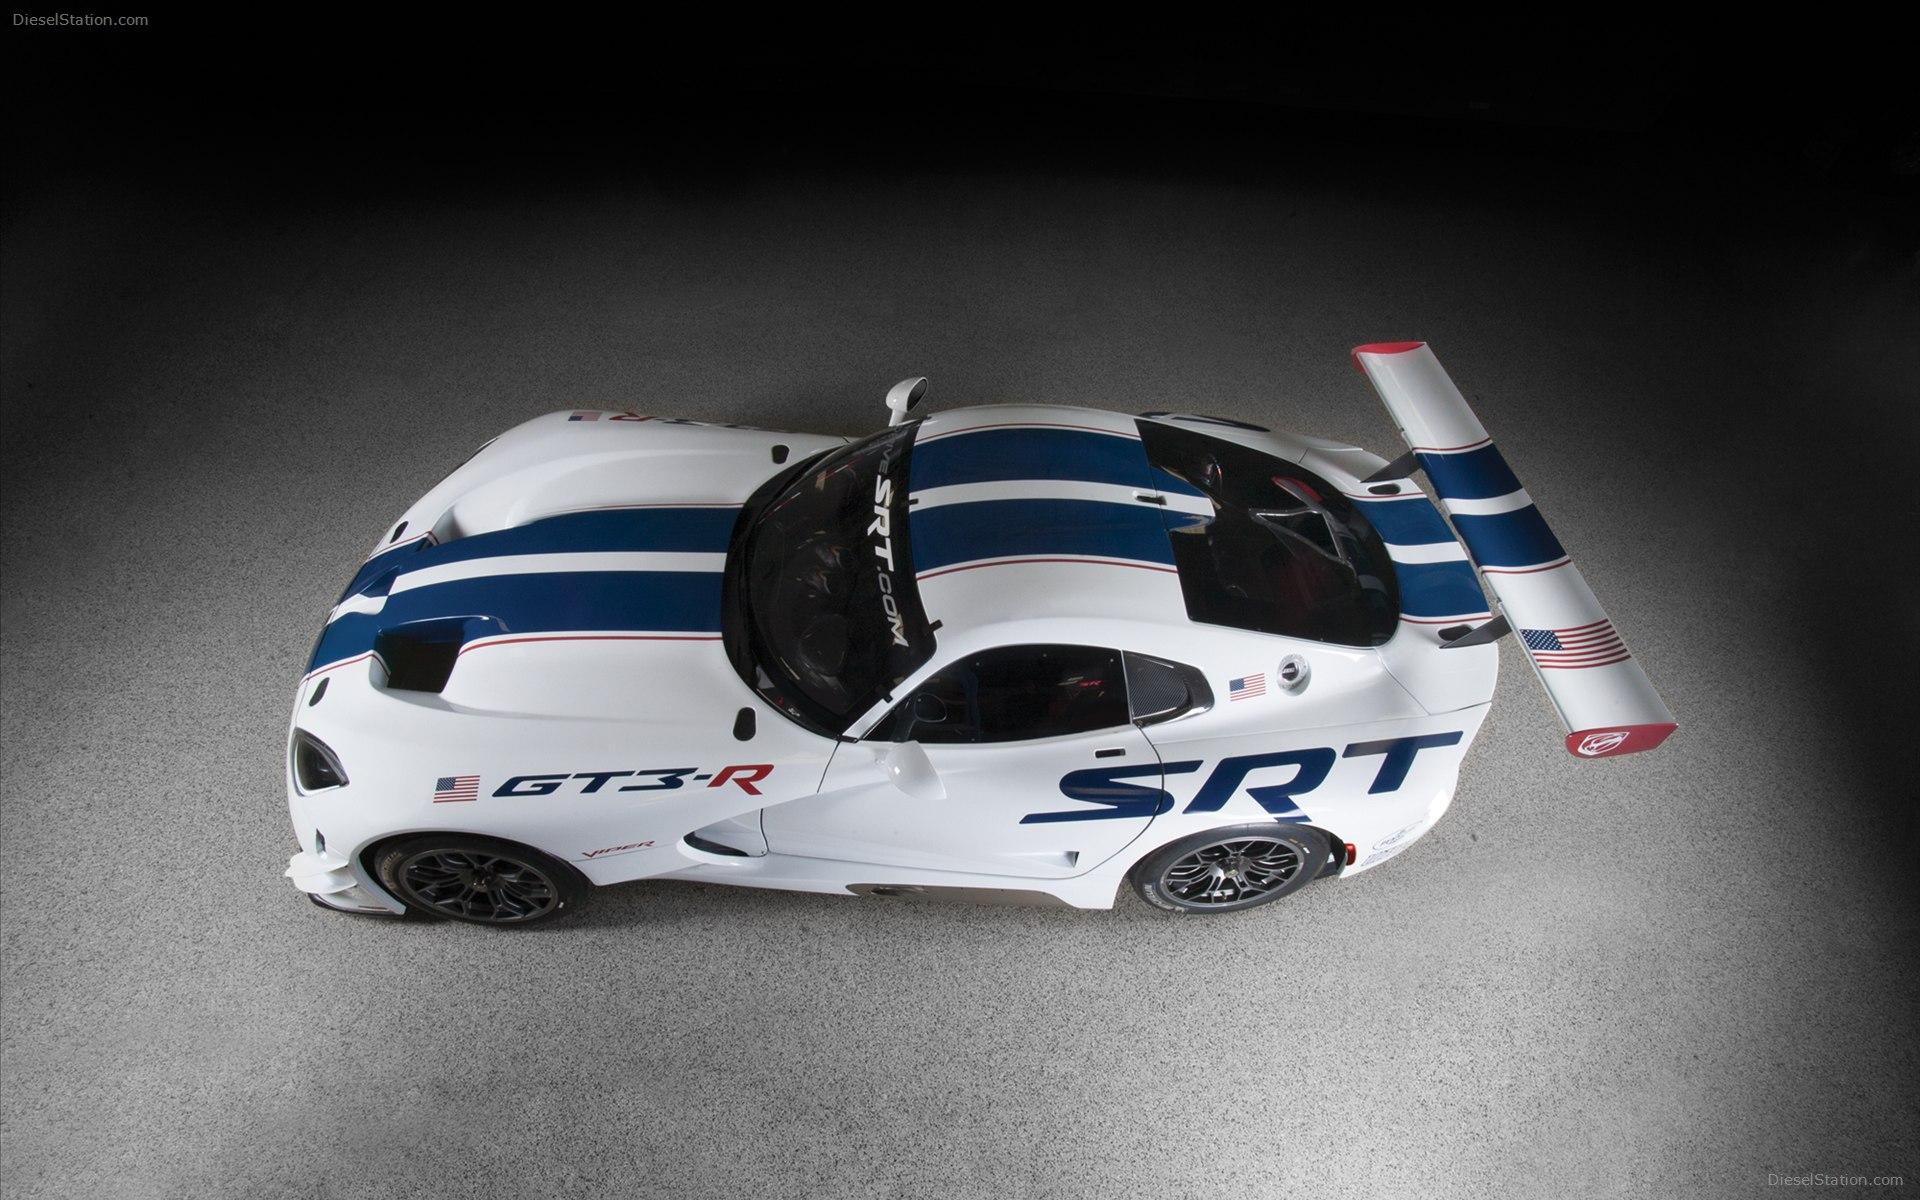 Dodge-SRT-Viper-GT3-R-2013-widescreen-03